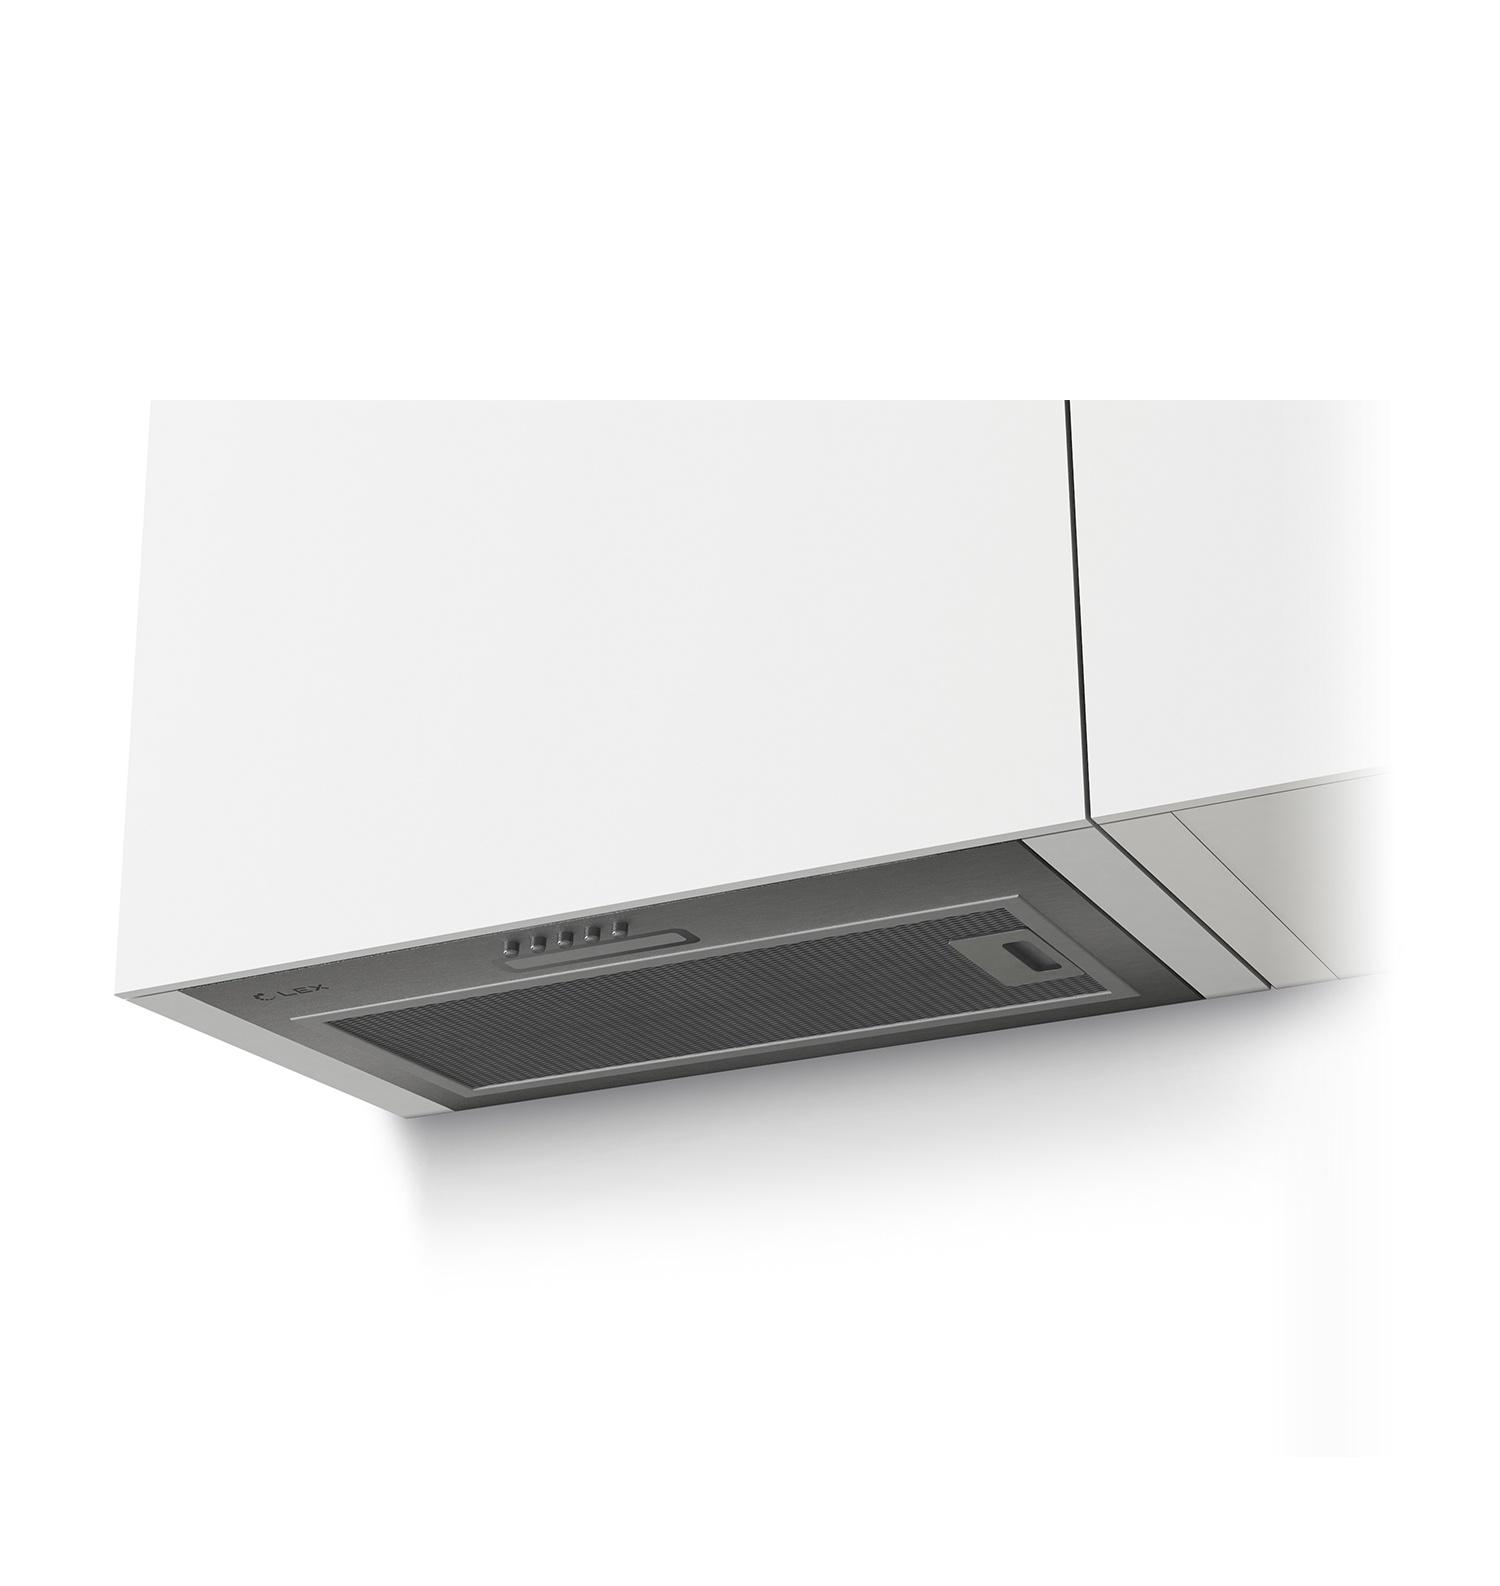 Вытяжка LEX GS Bloc Light 600 Inox, серый металлик LEX